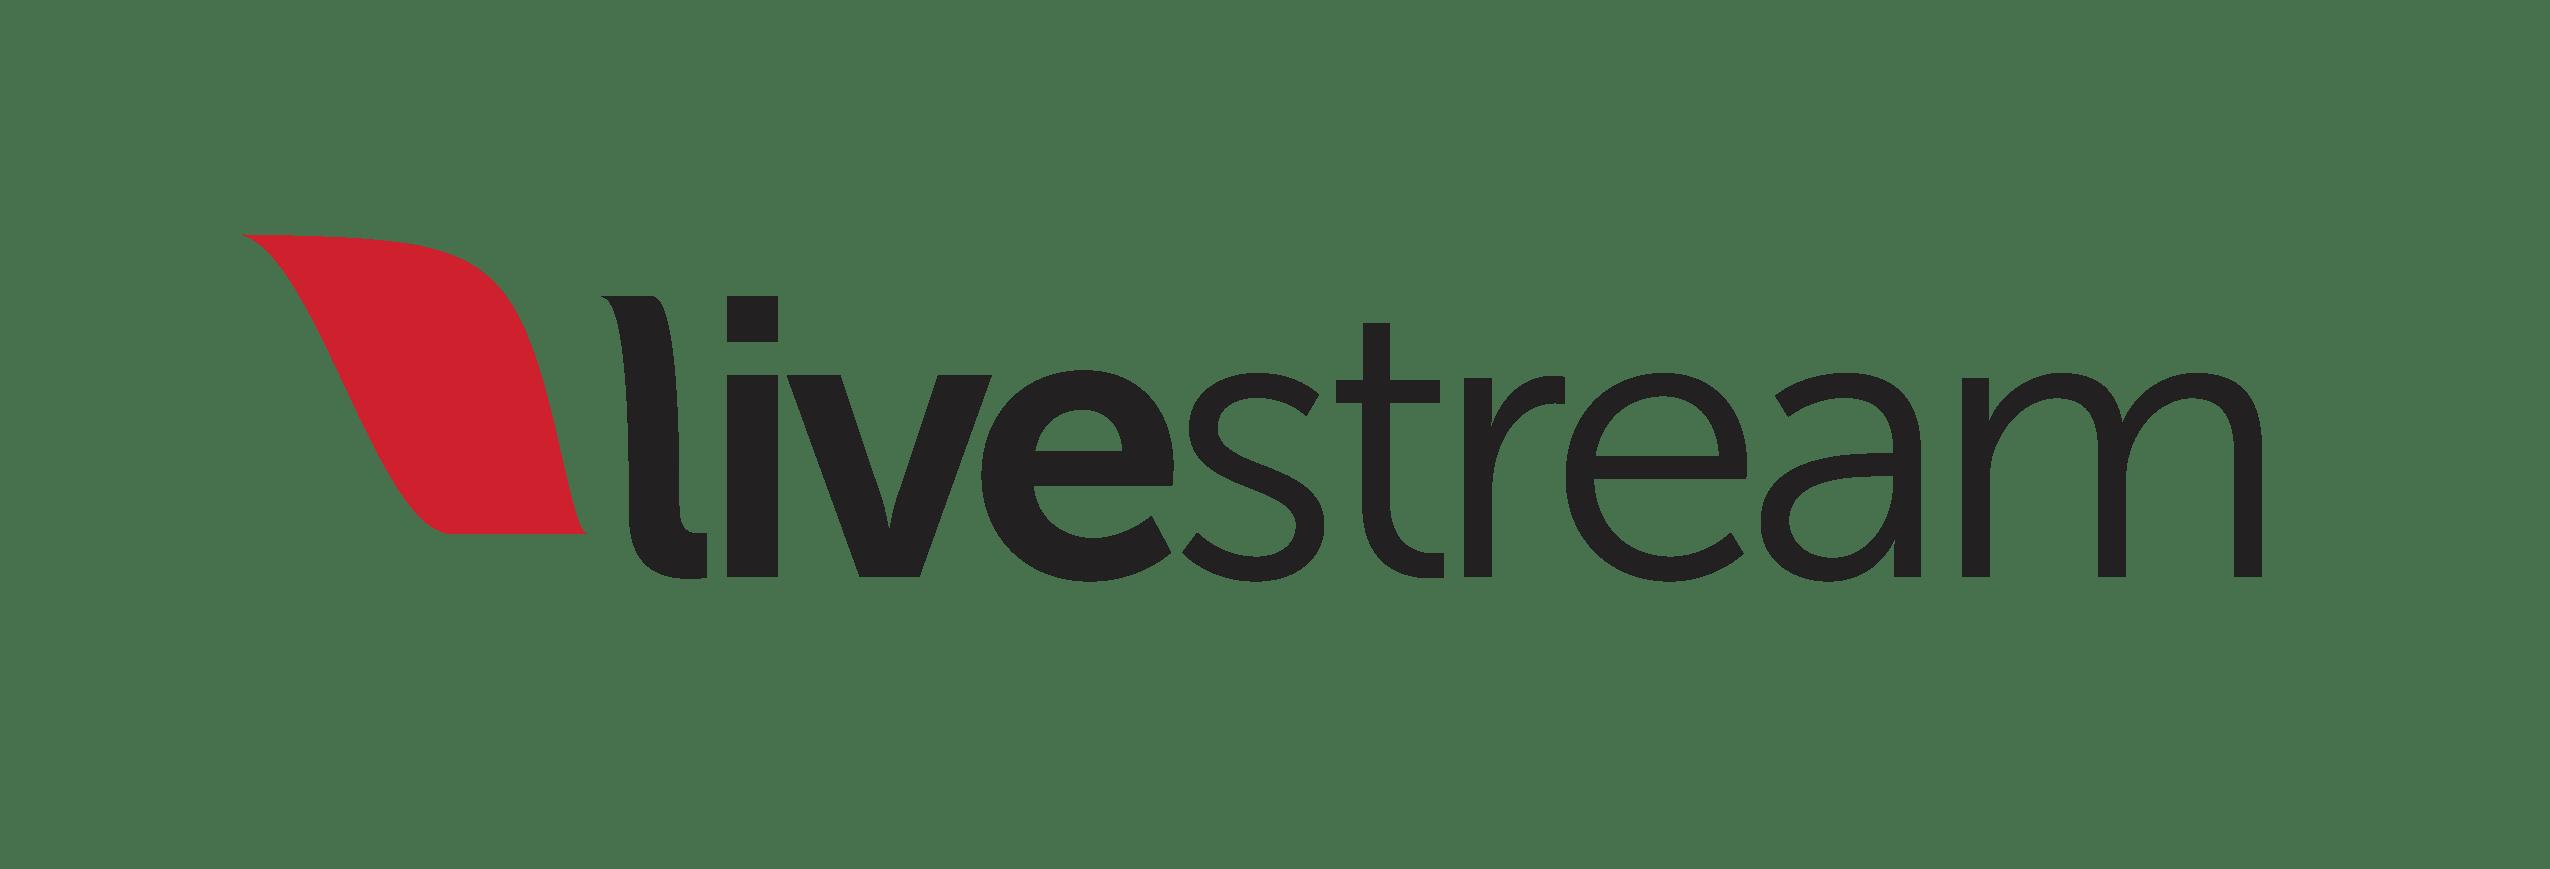 Livestream logo transparent png. Cool clipart stream